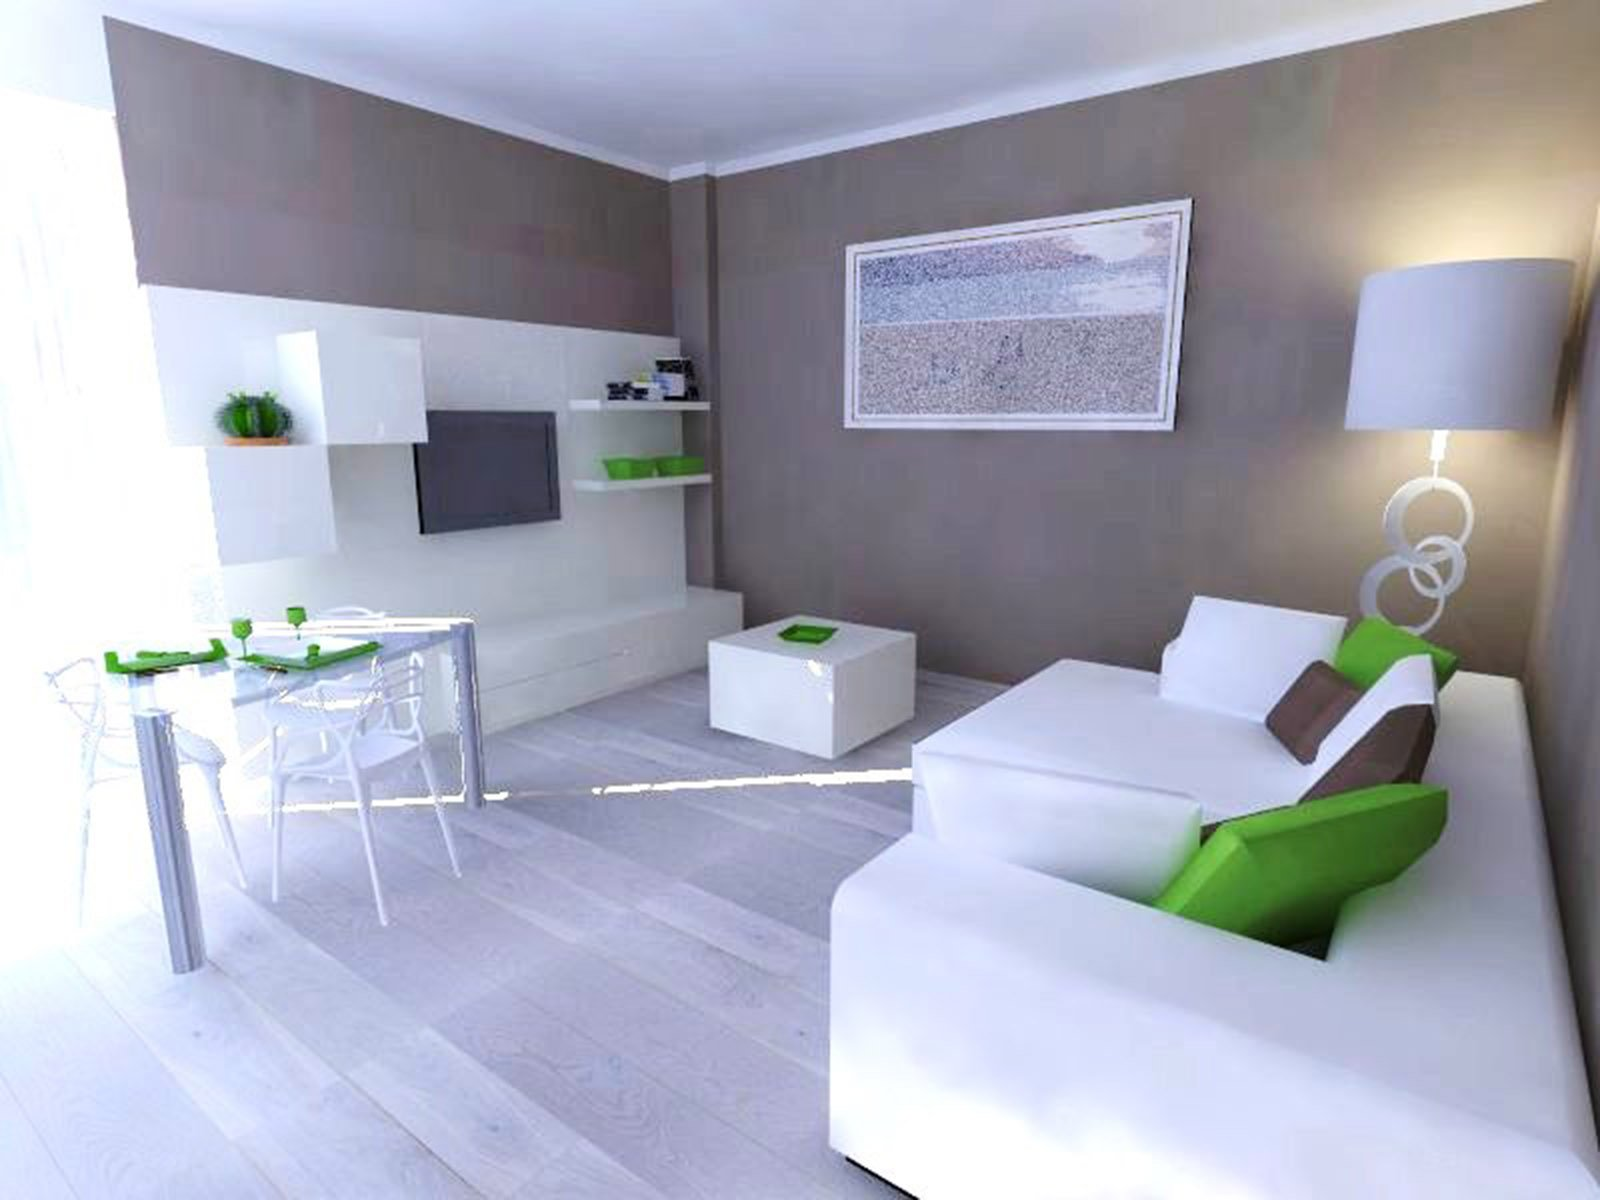 Un progetto per arredare il soggiorno conservando alcuni for Progetta mobili